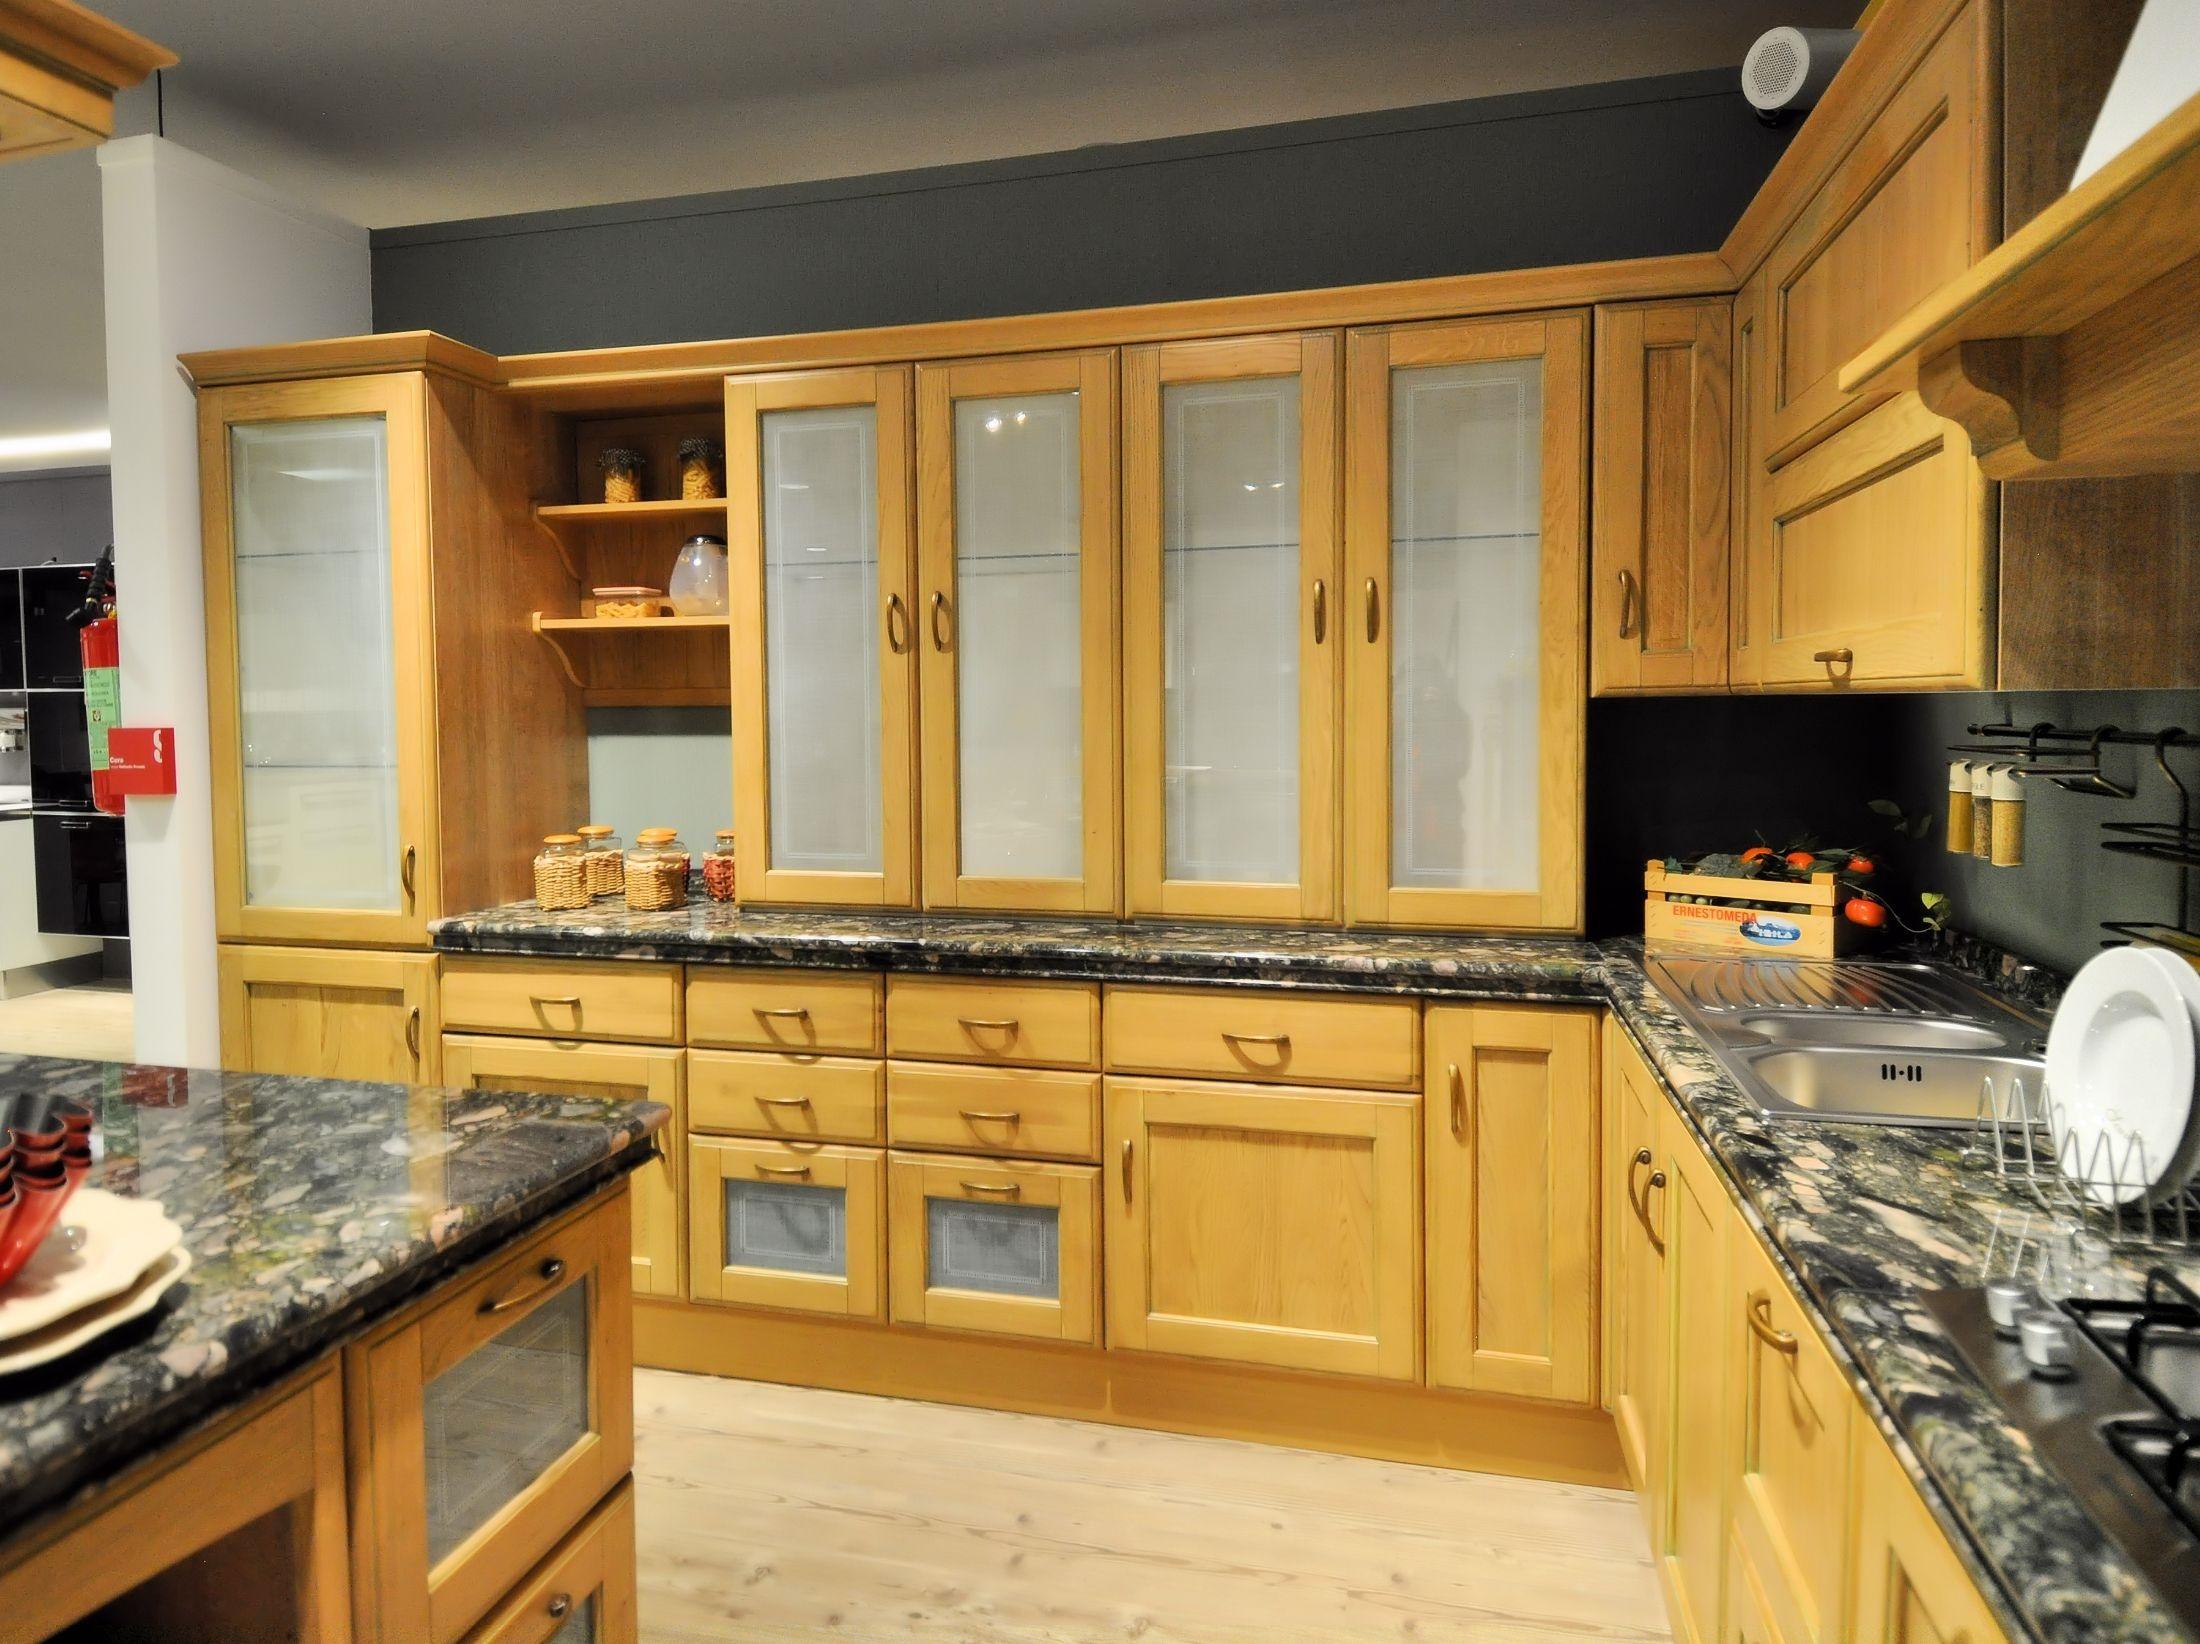 Cucina scavolini cora met prezzo cucine a prezzi scontati - Prezzo cucina scavolini ...